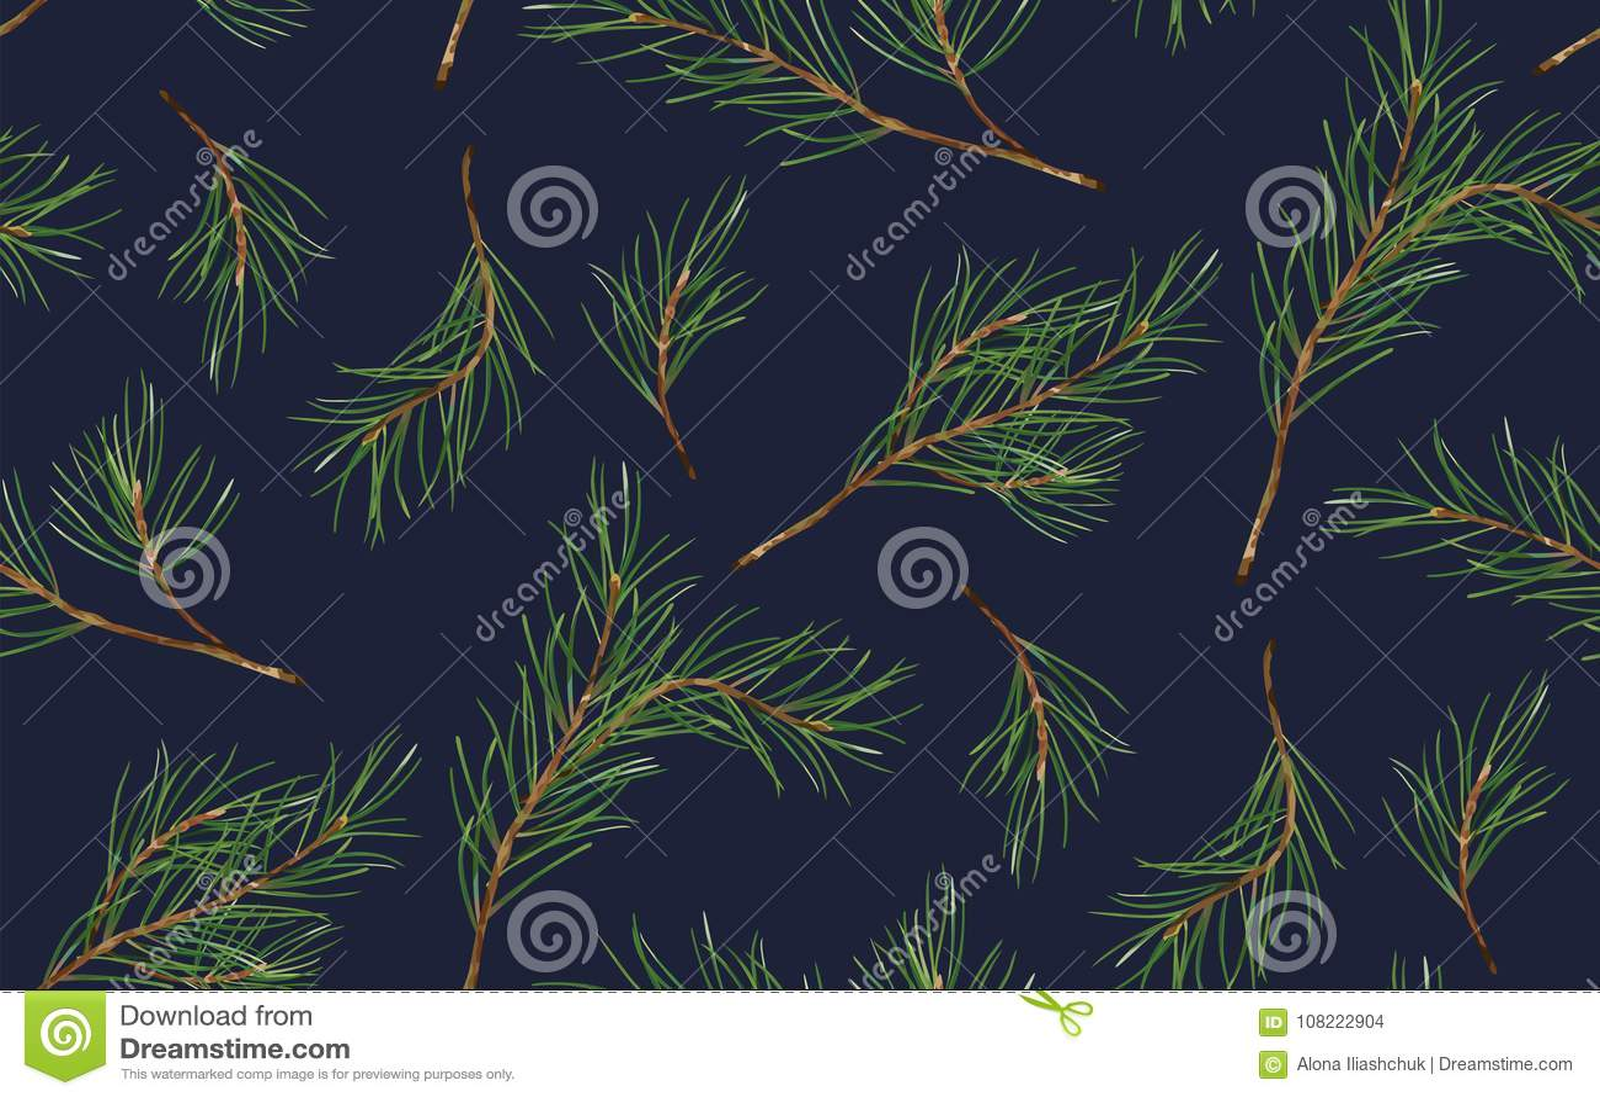 Modèle sans couture de sapin de Noël de pin, arbre de nouvelle année naturel